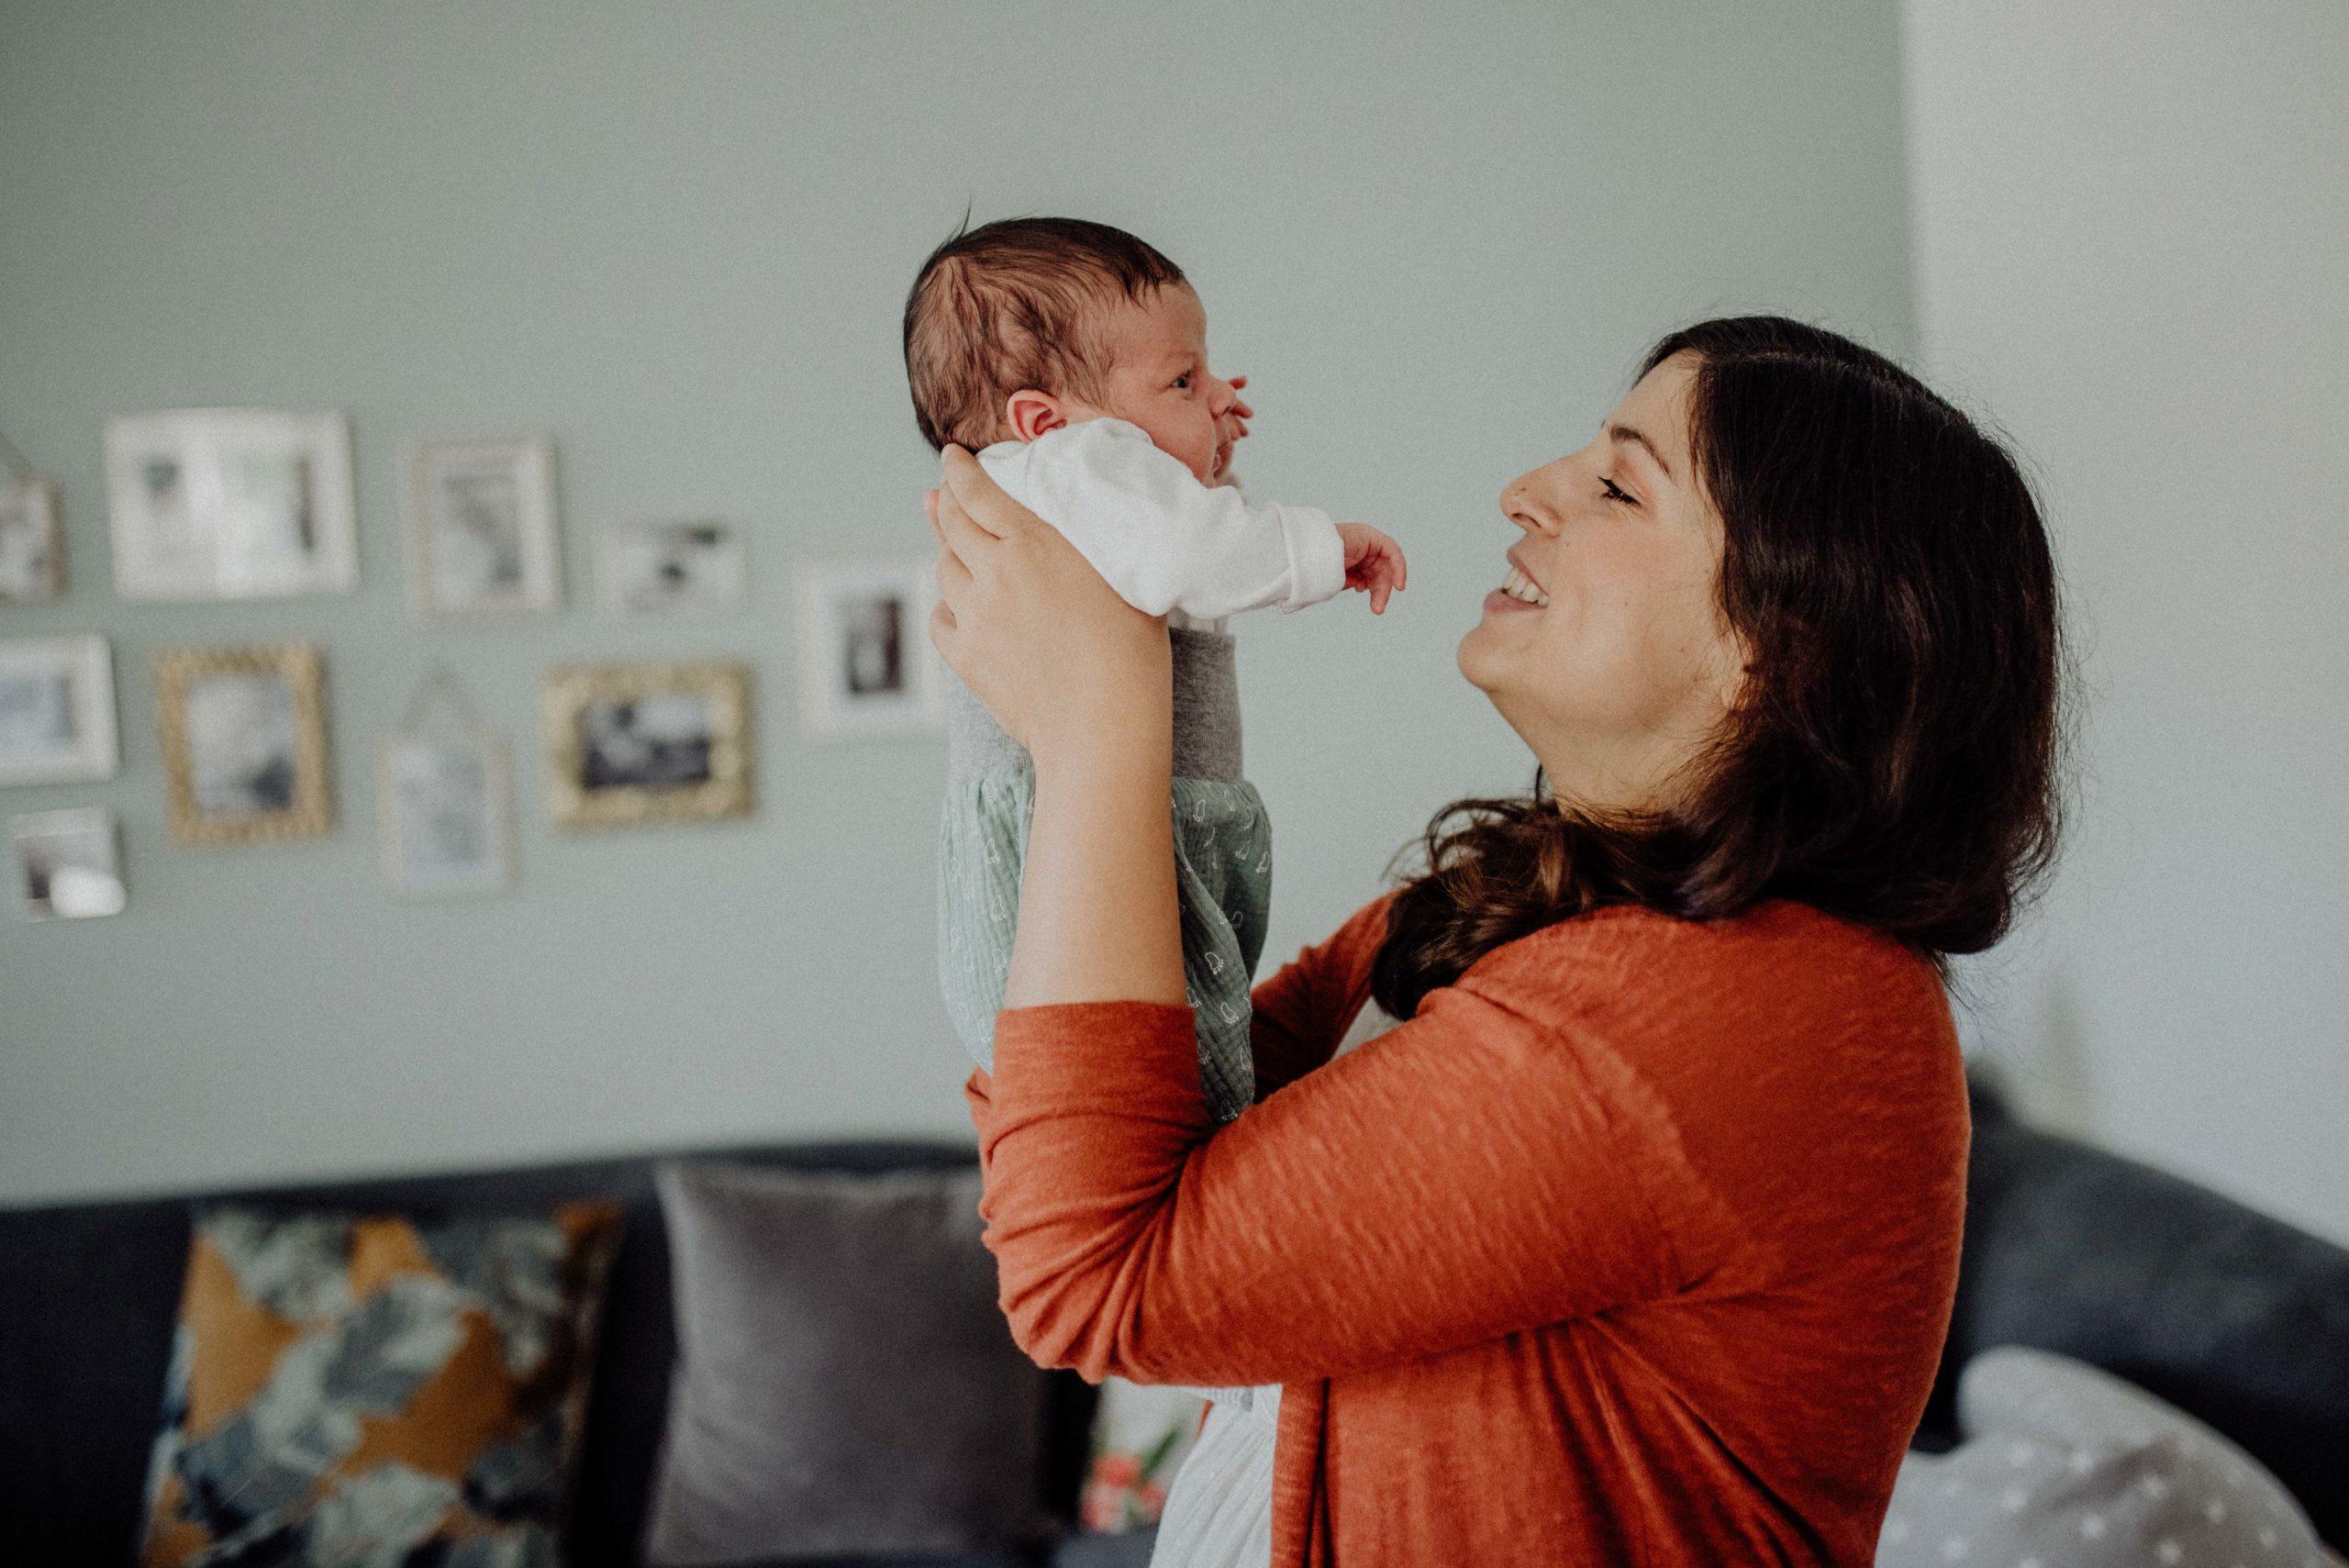 008-Witten-Homestory-Homesession-Newborn-Baby-Fotoshooting